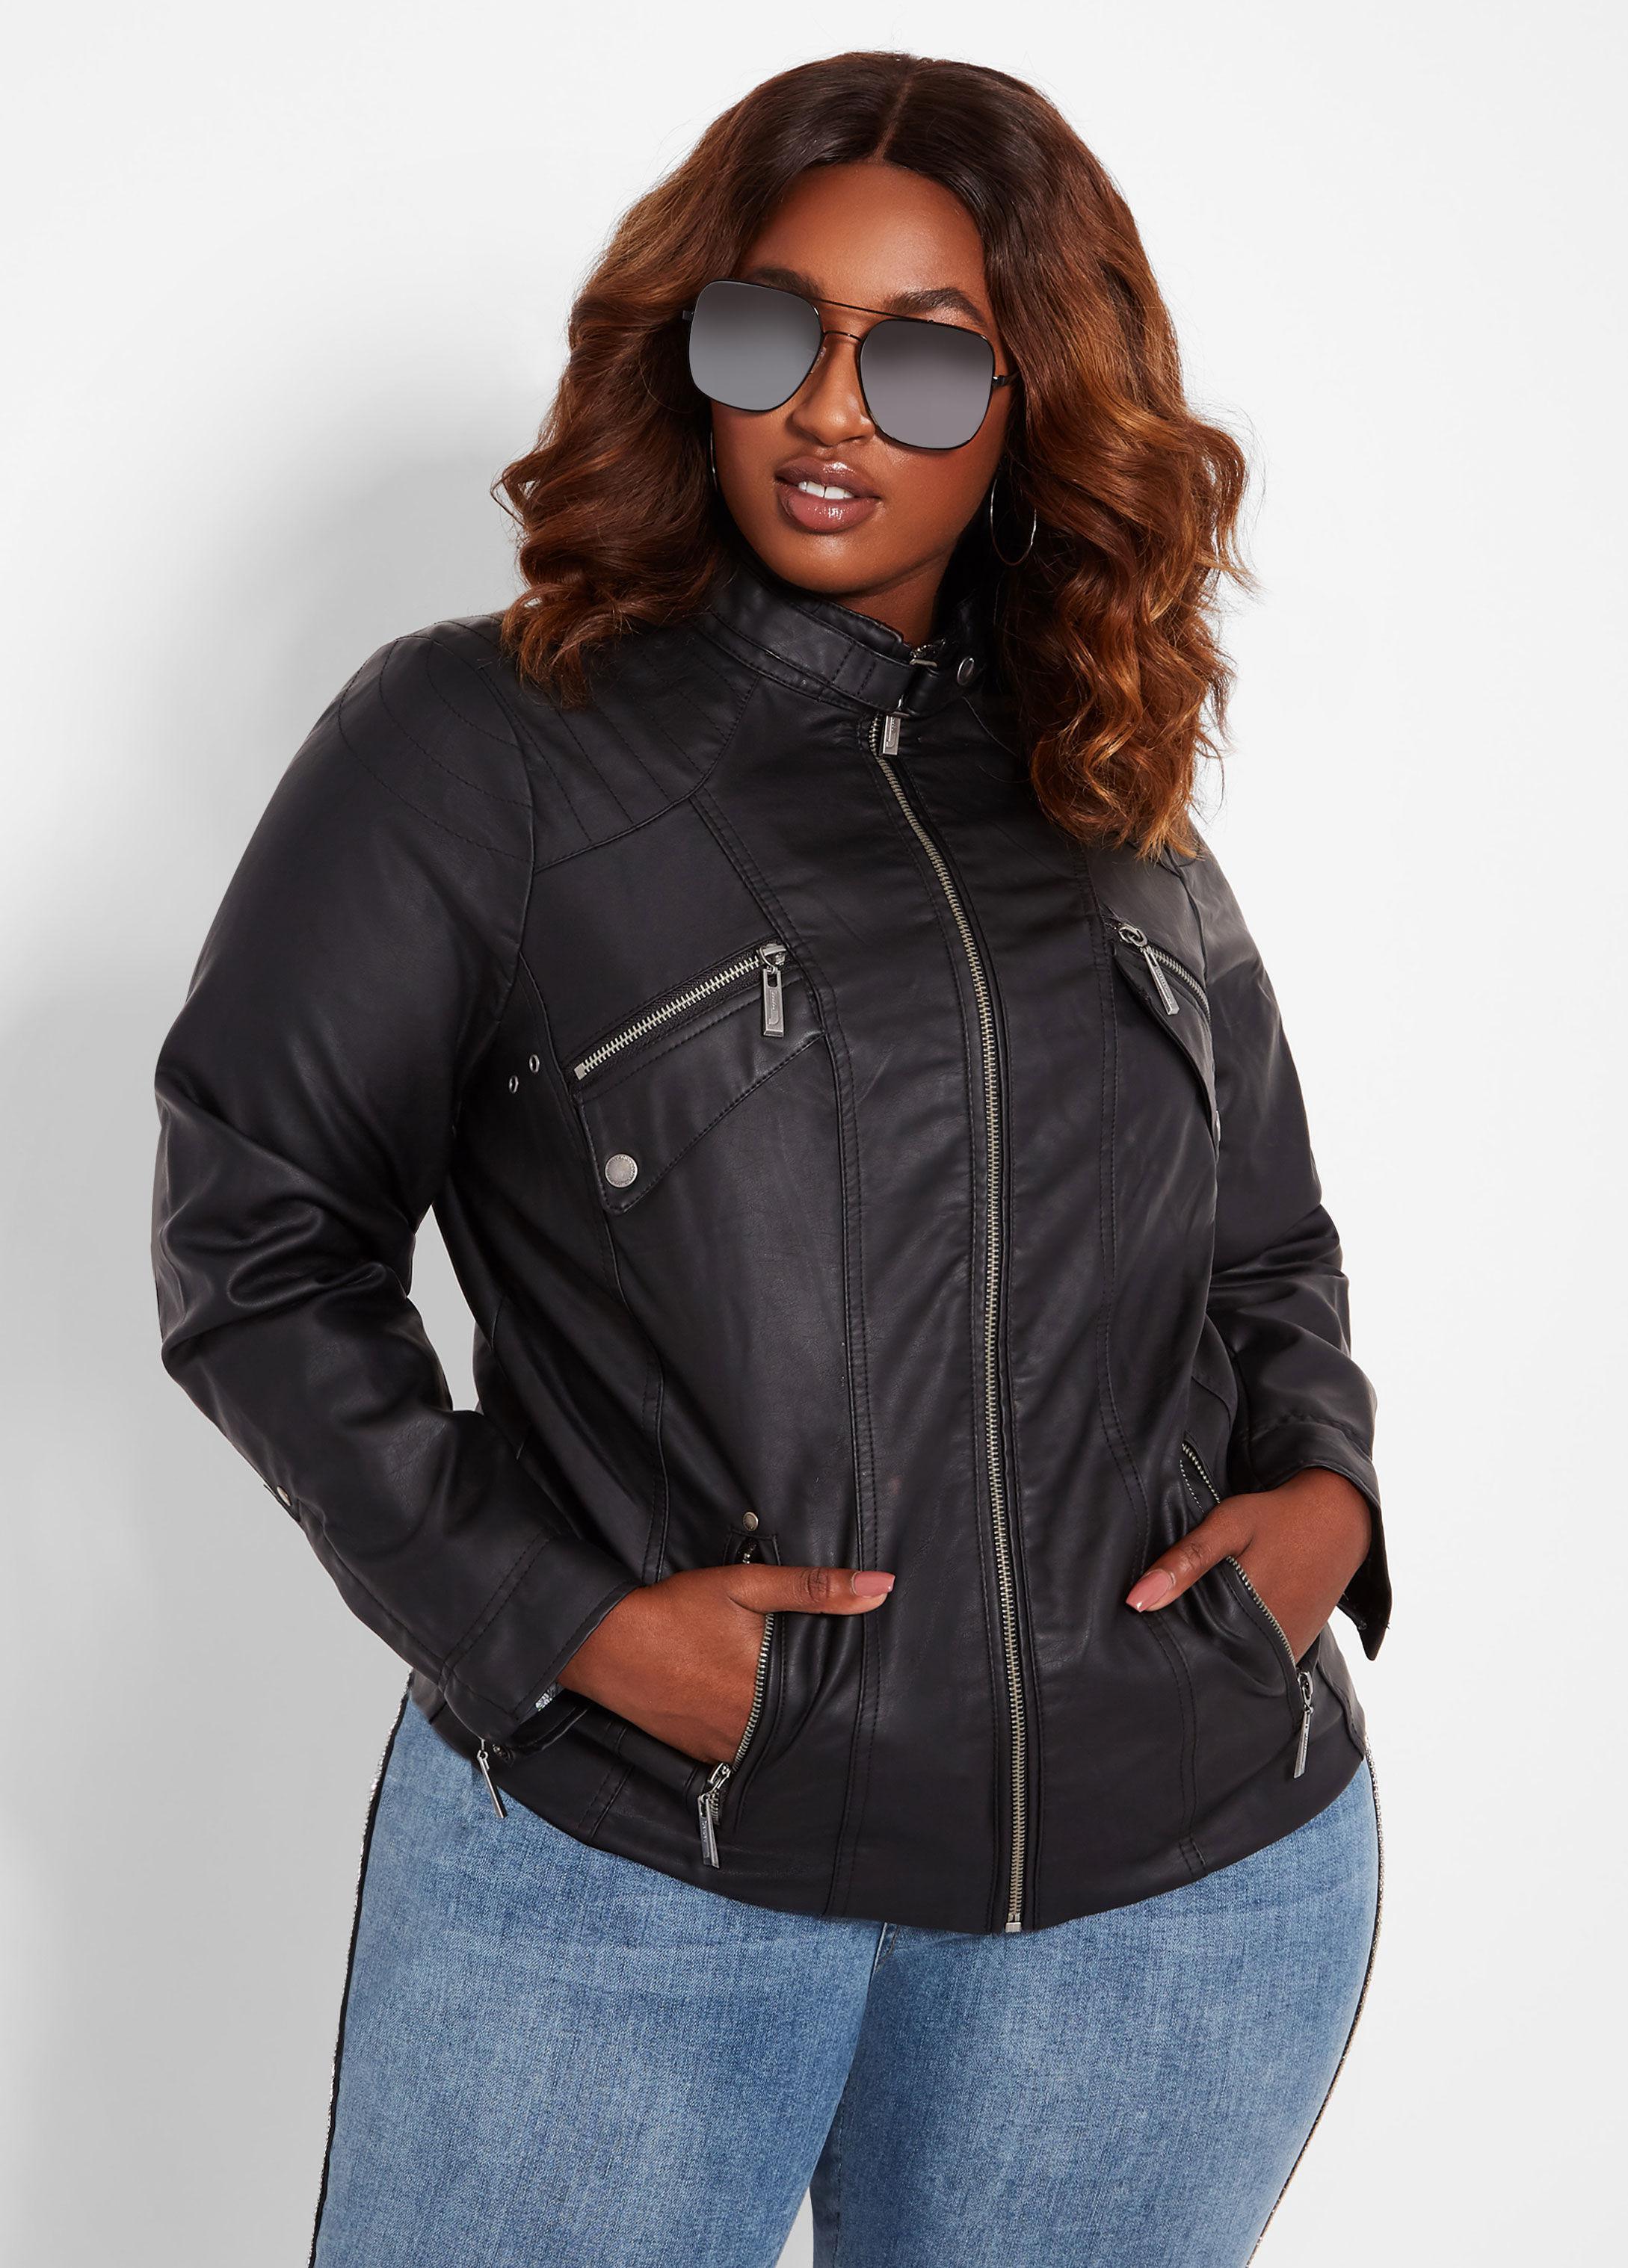 7a46fbe3dee32 Lyst - Ashley Stewart Plus Size Vegan Leather Biker Jacket in Black